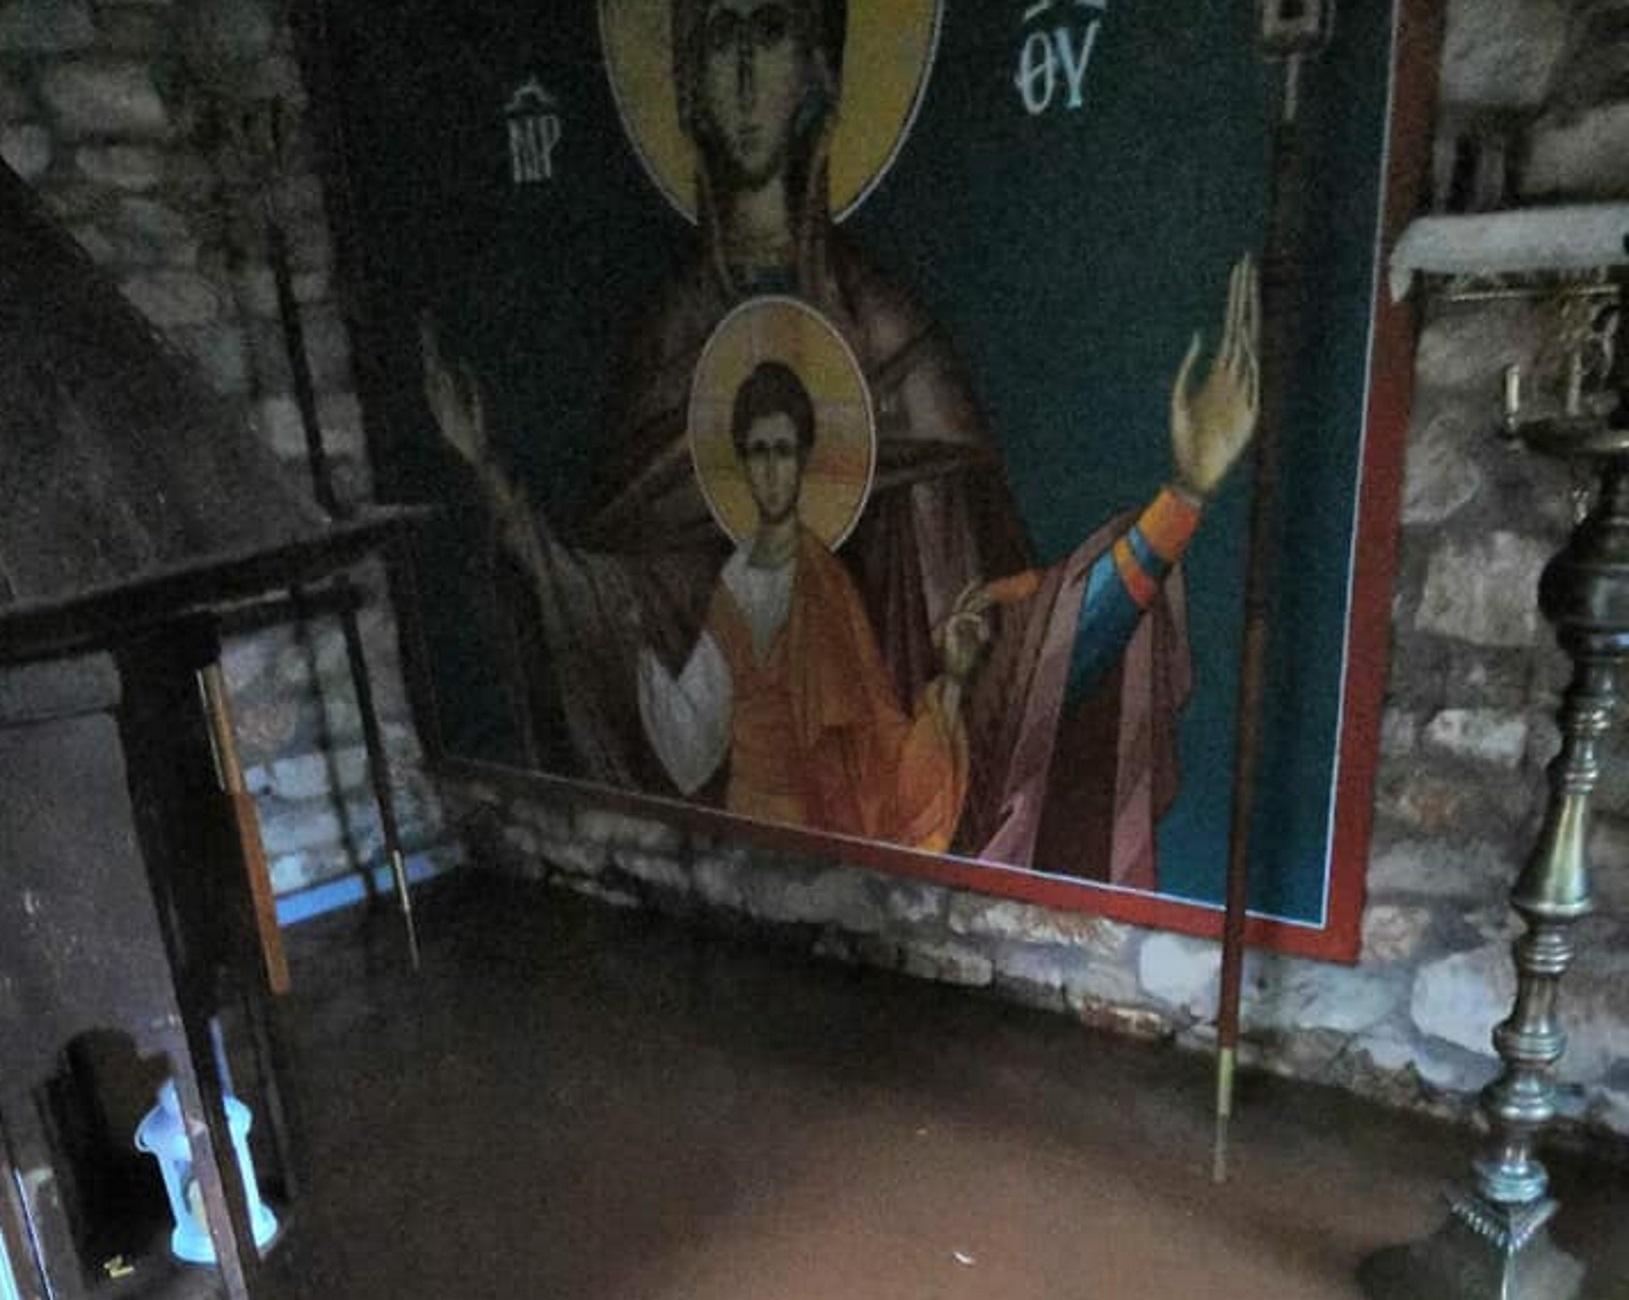 Αγρίνιο: Λίγα λεπτά βροχής έφεραν αυτές τις εικόνες! Διαλύθηκαν δρόμοι και πλαγιές (Φωτό και Βίντεο)